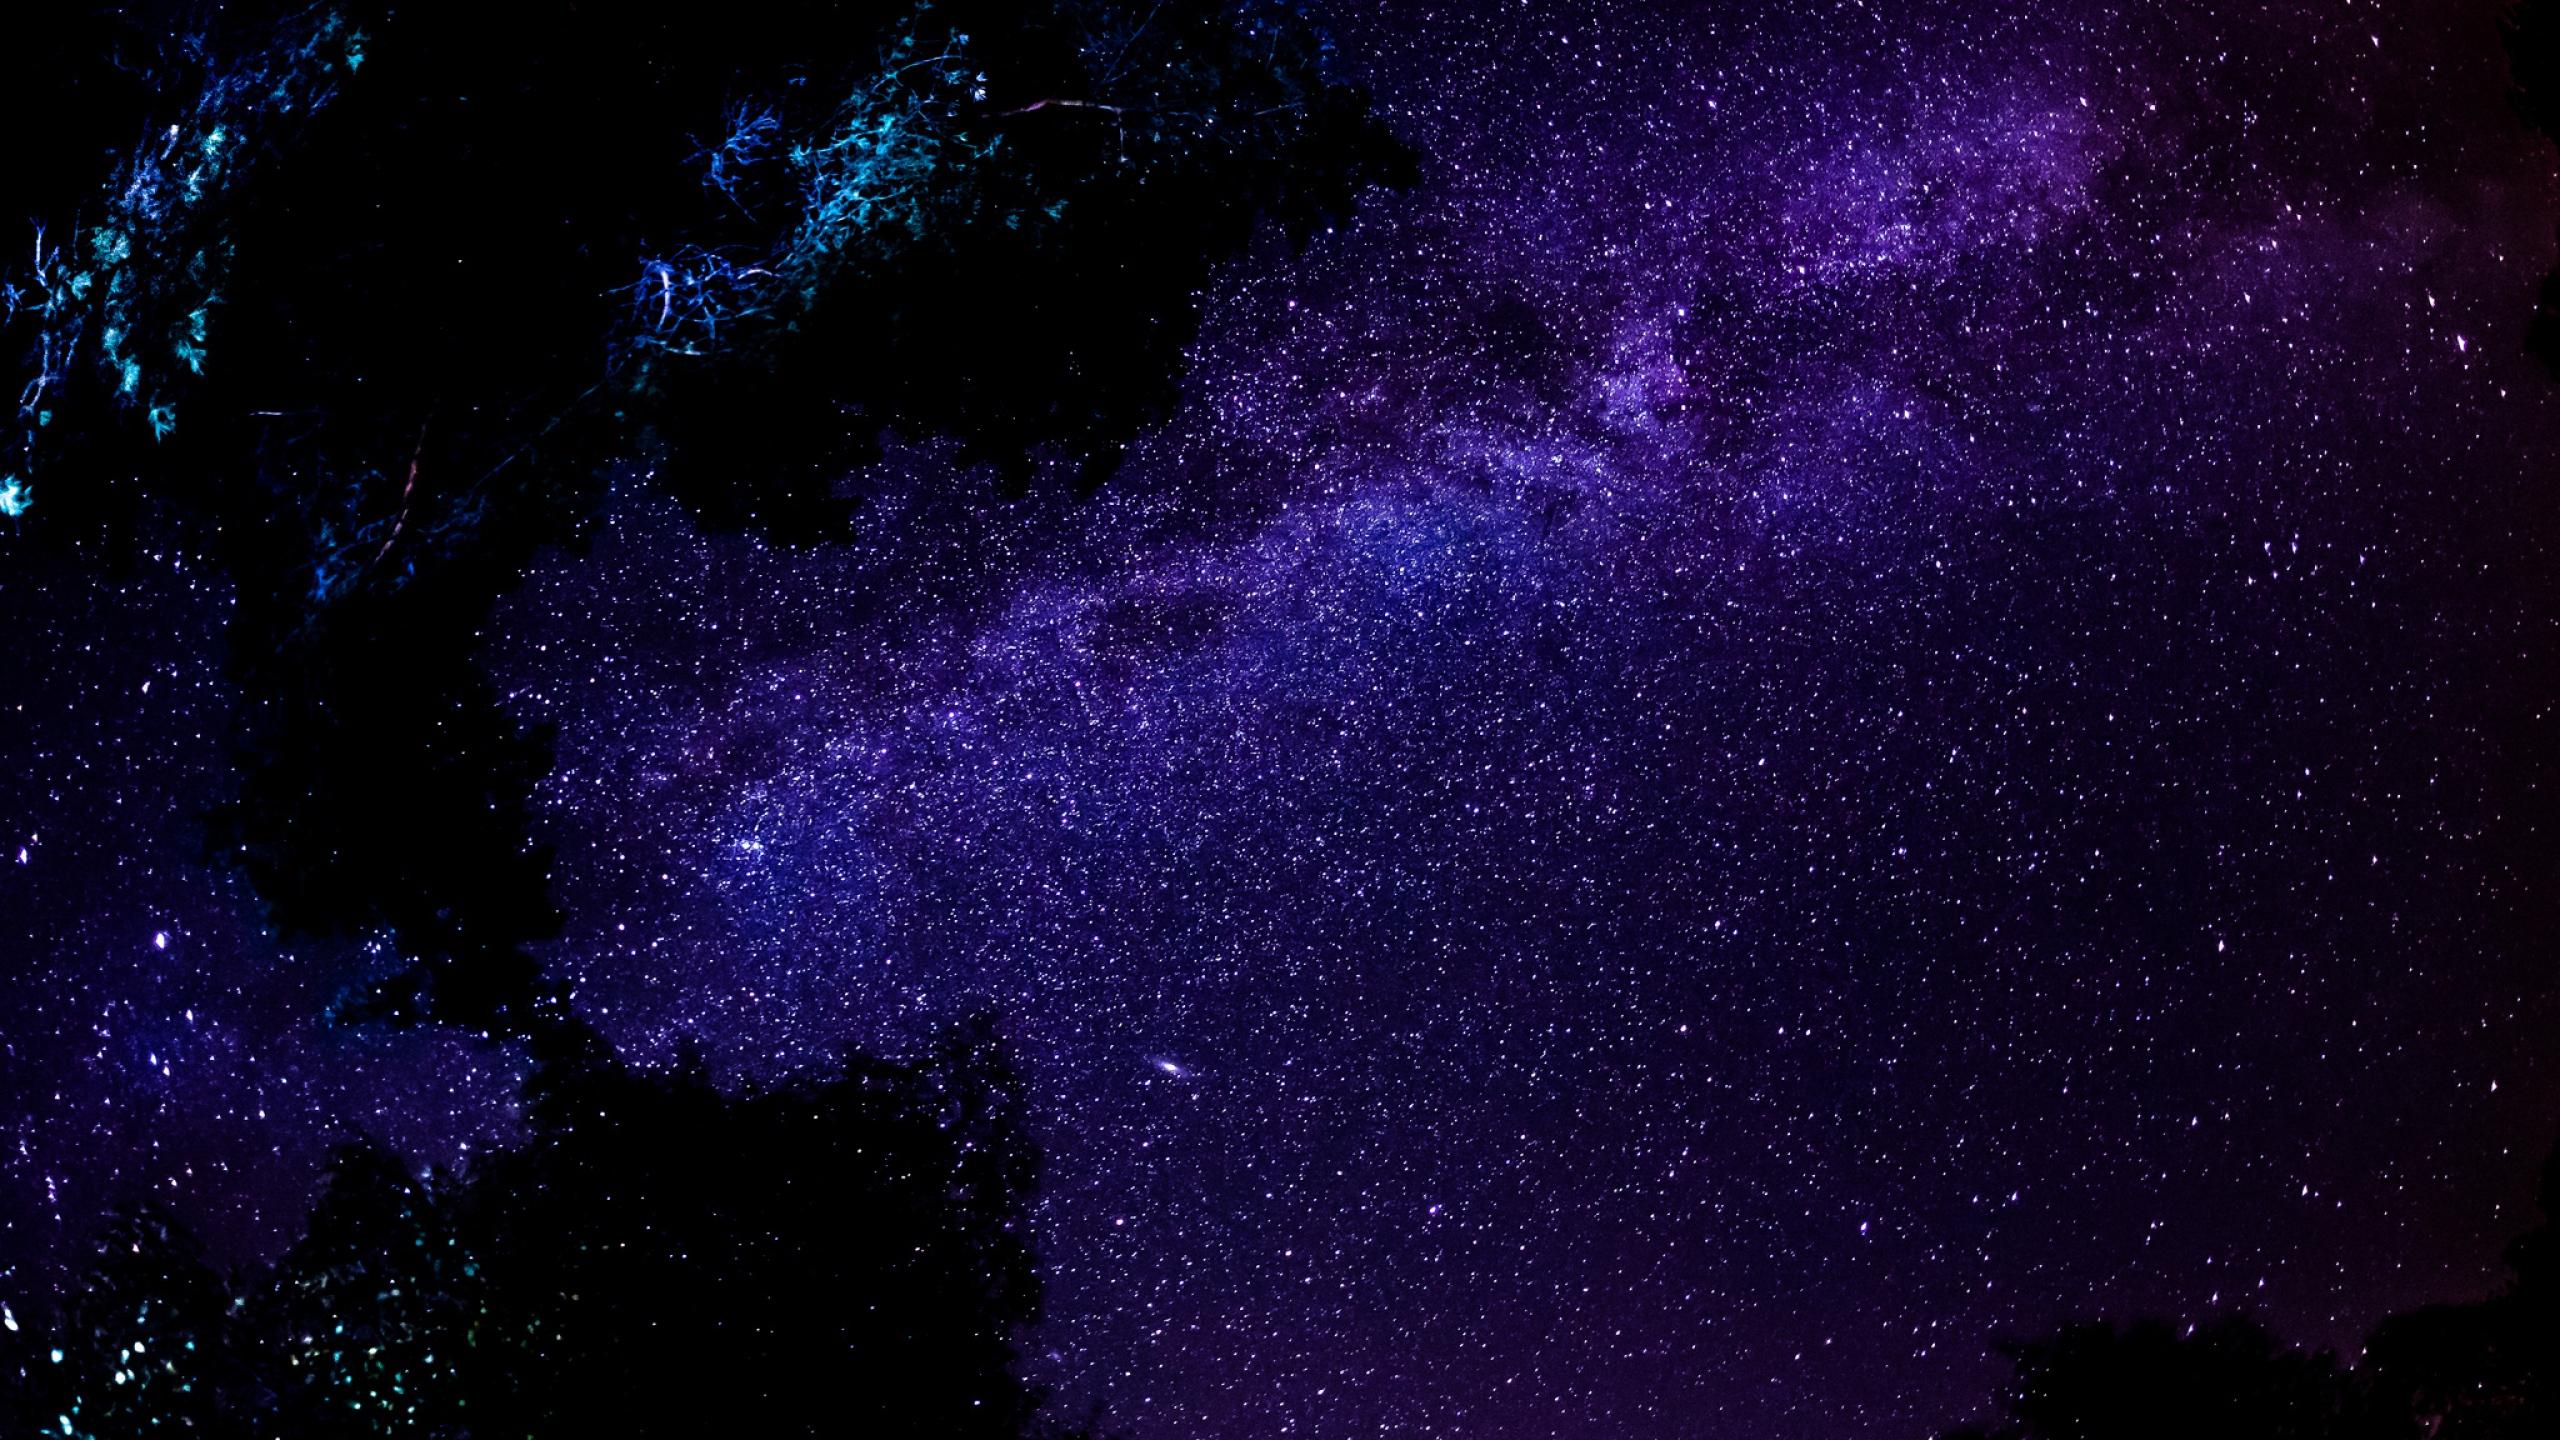 Night Sky Stars Wallpapers Hd 2560x1440